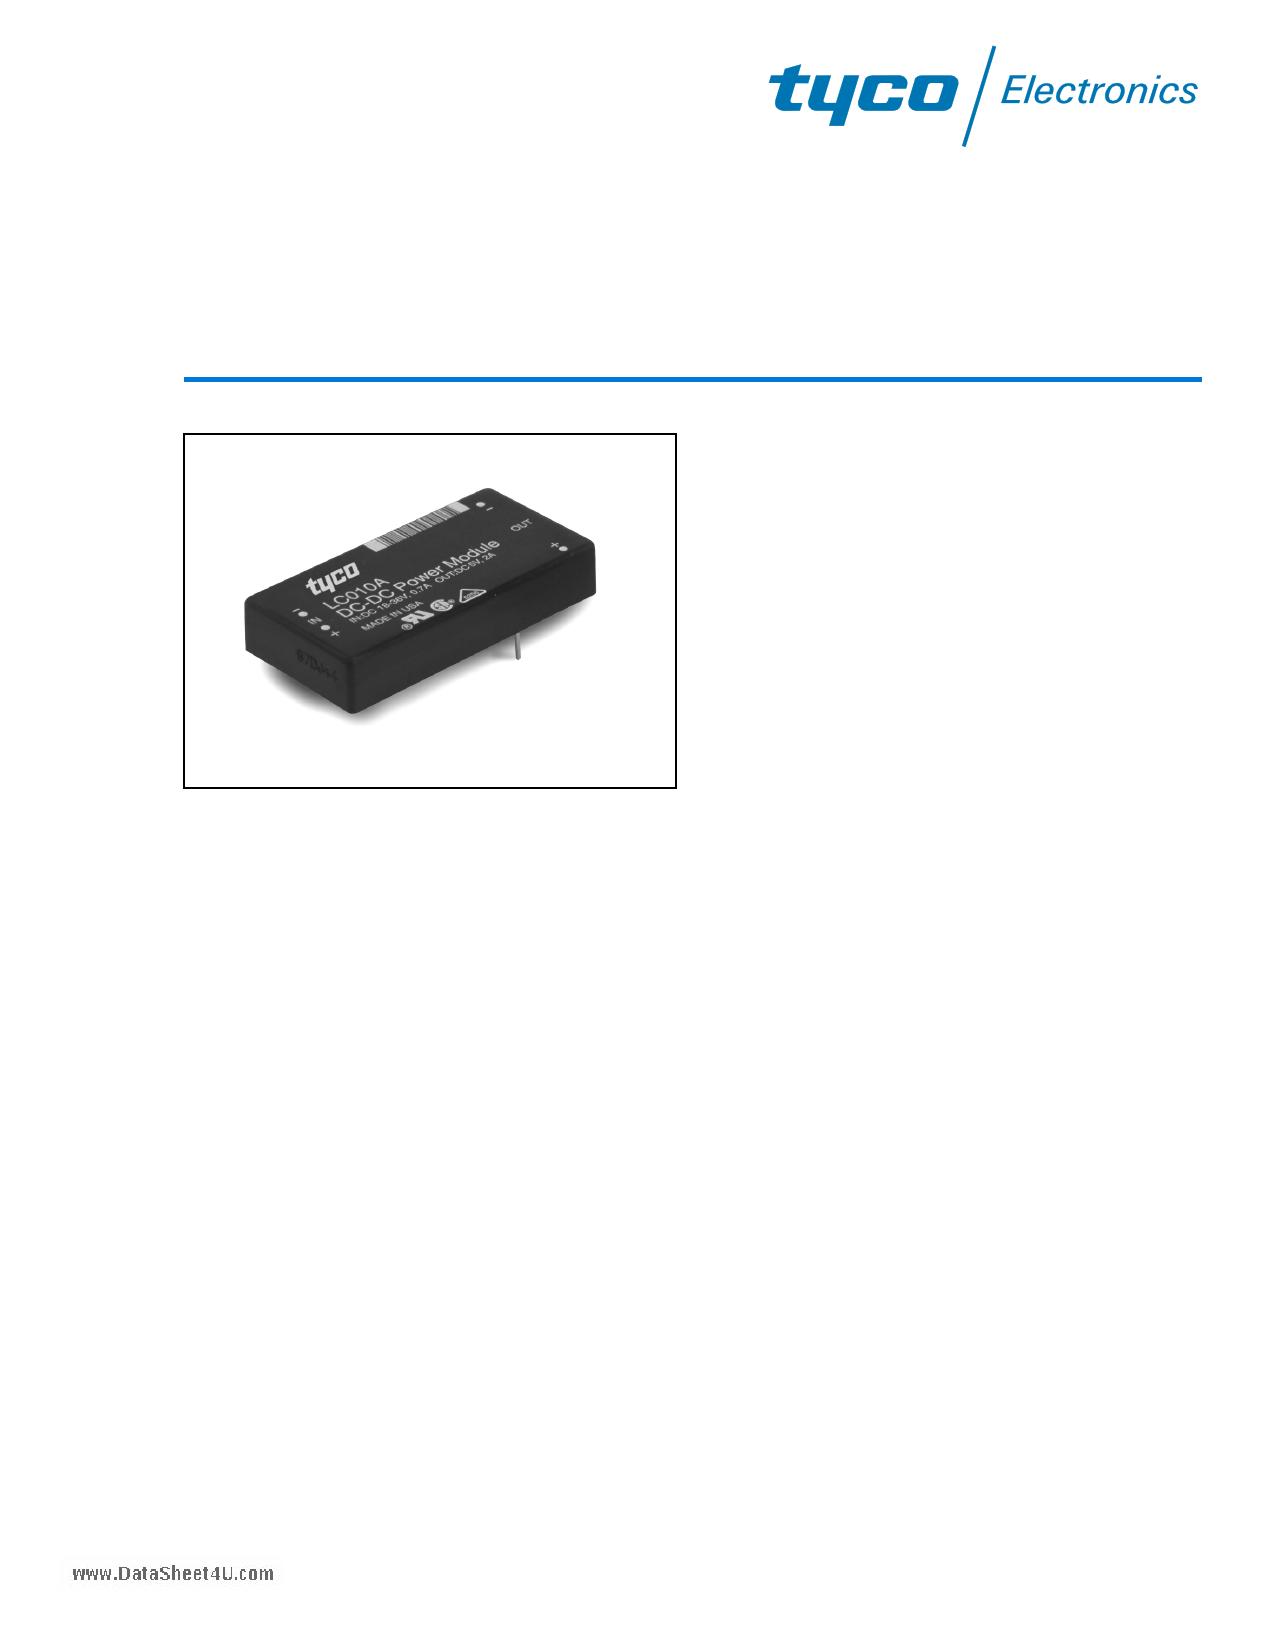 LC010C datasheet